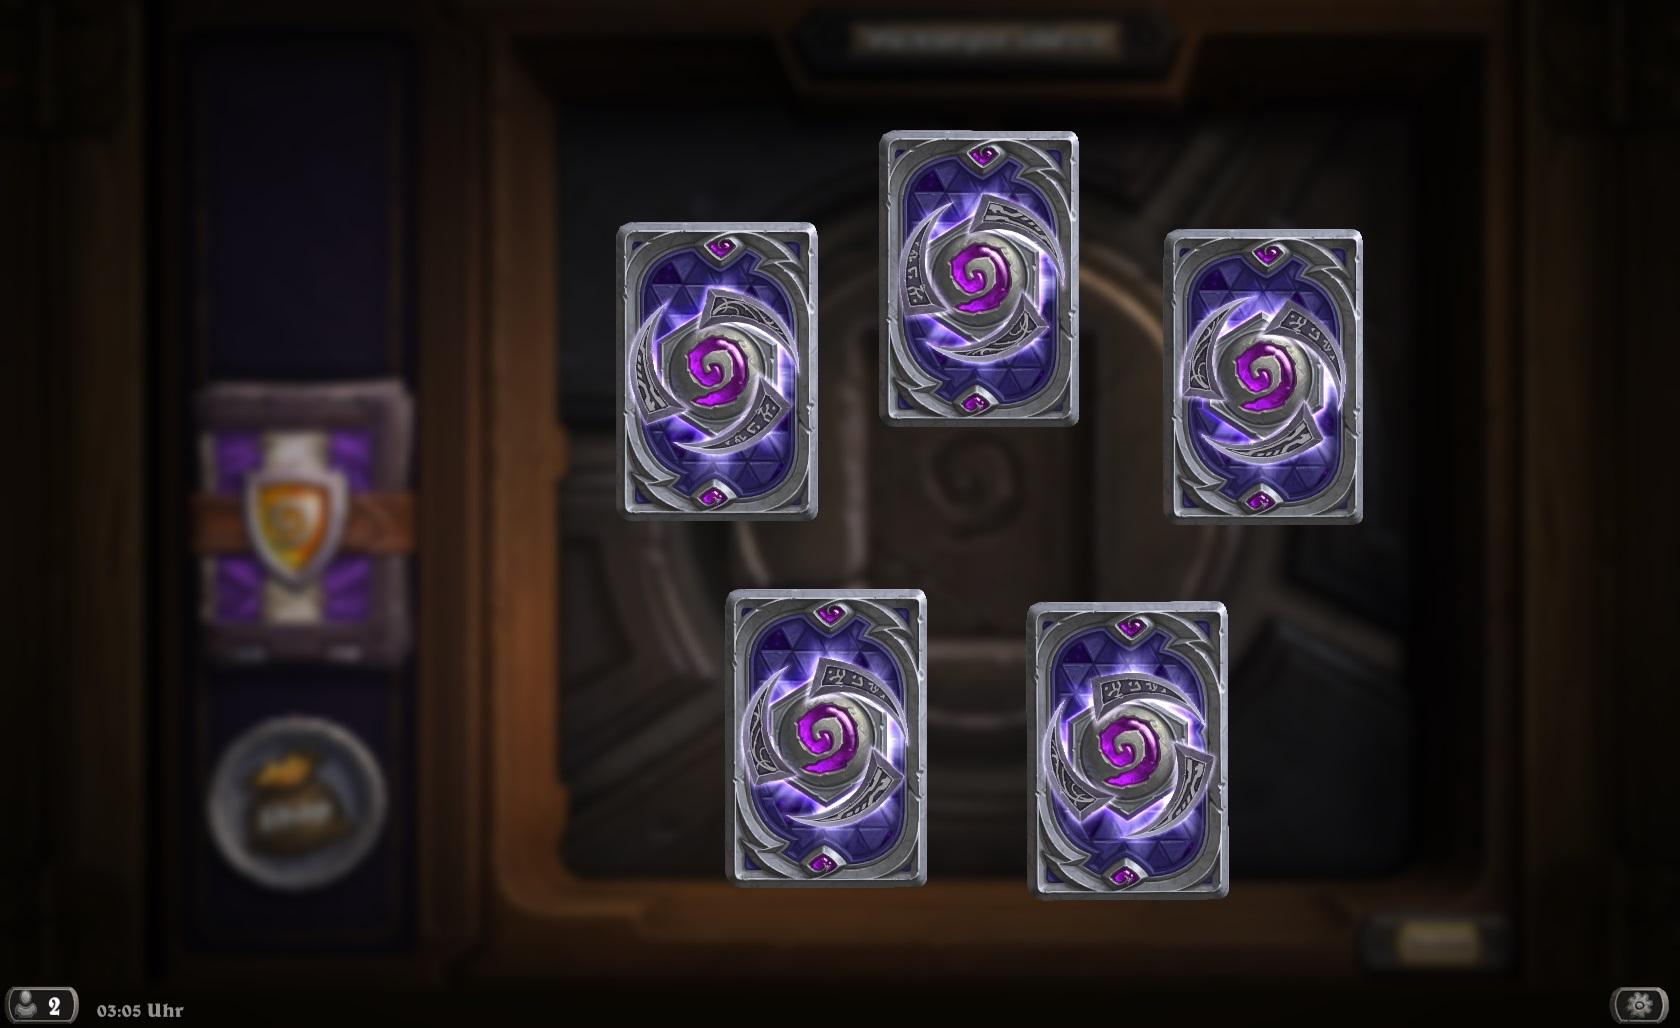 Hearthstone: Wie hoch ist die Chance auf goldene und legendäre Karten bei Großes-Turnier-Packs?